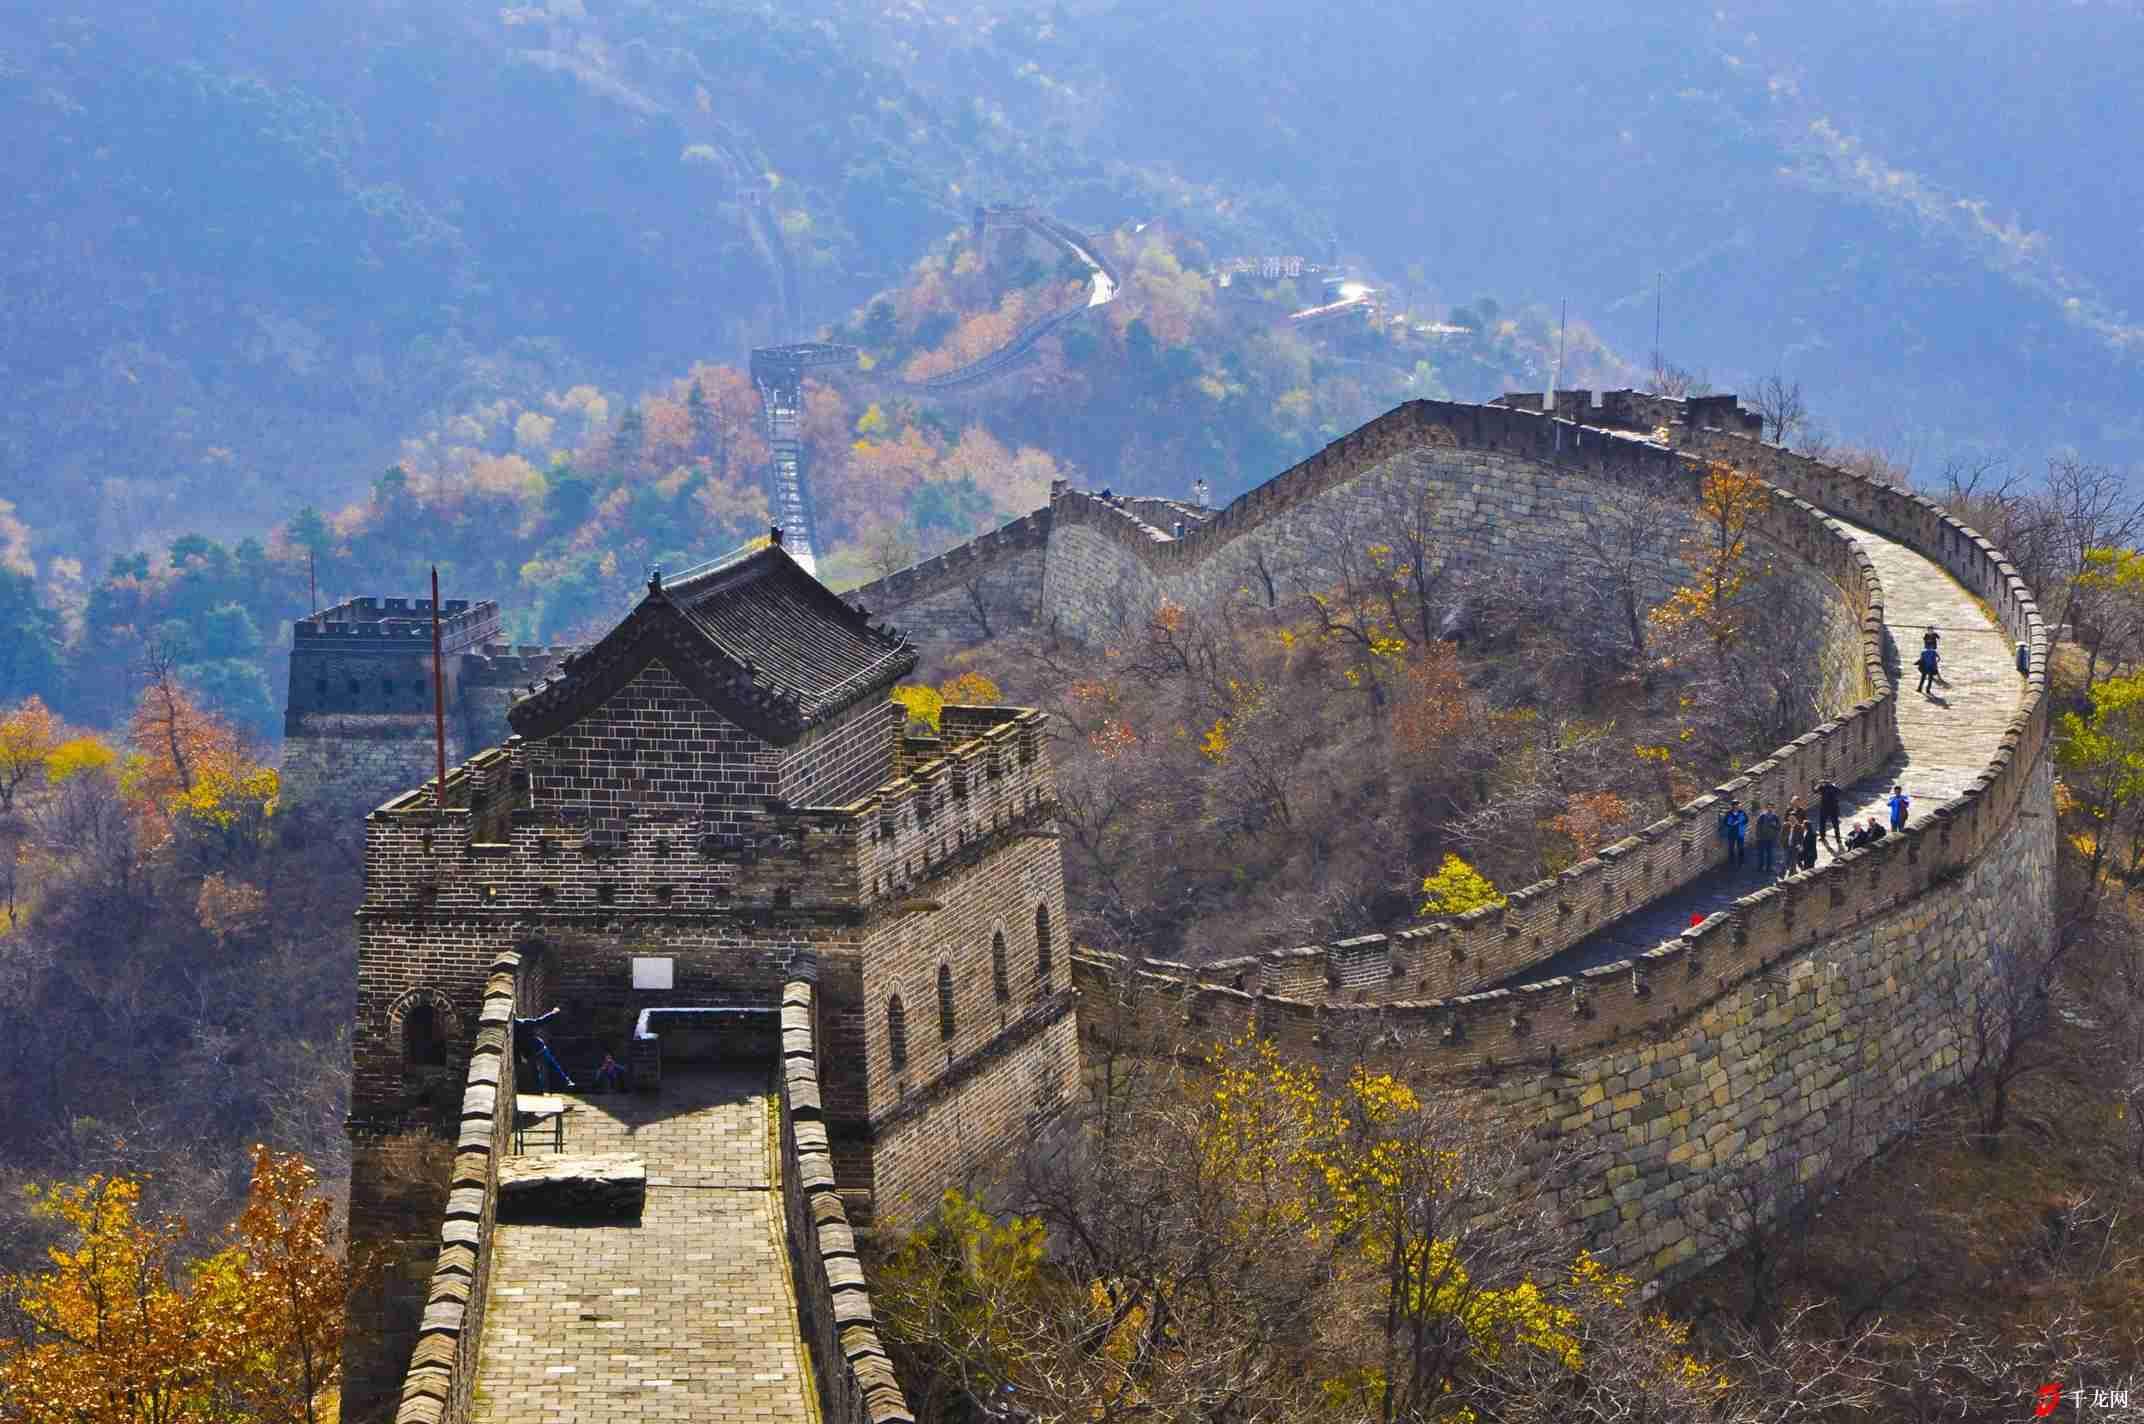 mutianyu pass great wall beijing - Tour China